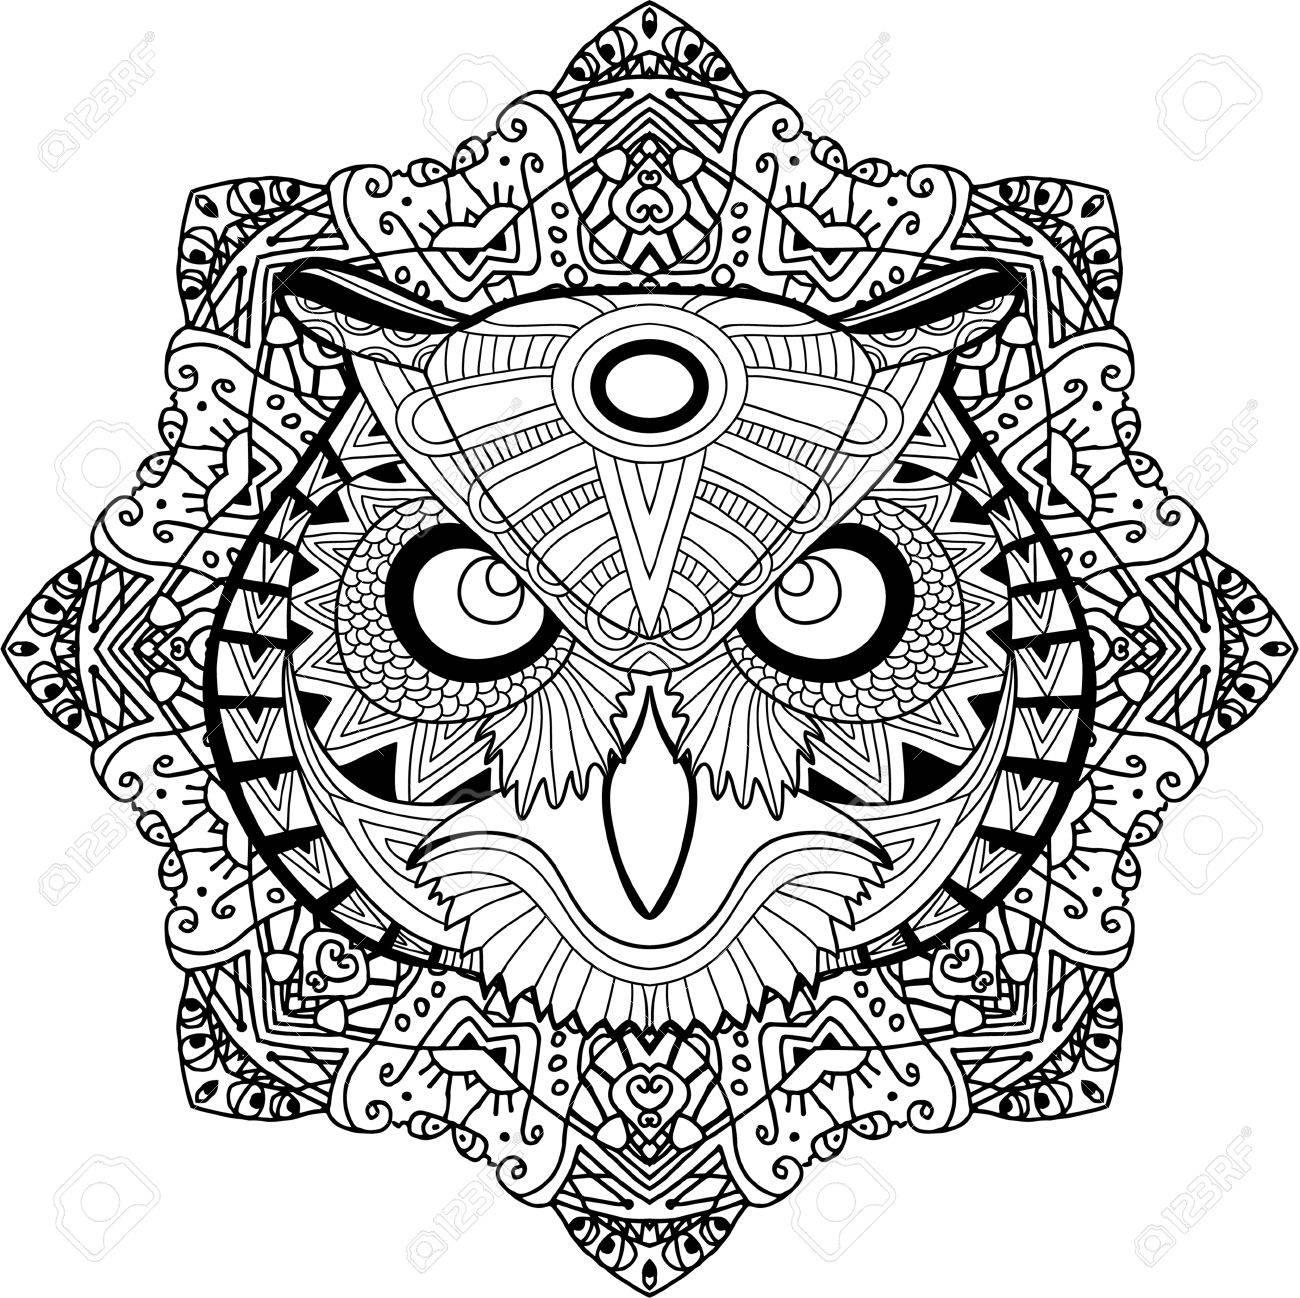 Buho Tatuaje Mandala pintado del búho en los patrones de fondo mandala tribales. elemento para  su diseño. tarjetas, bolsas, libros para colorear para los adultos,